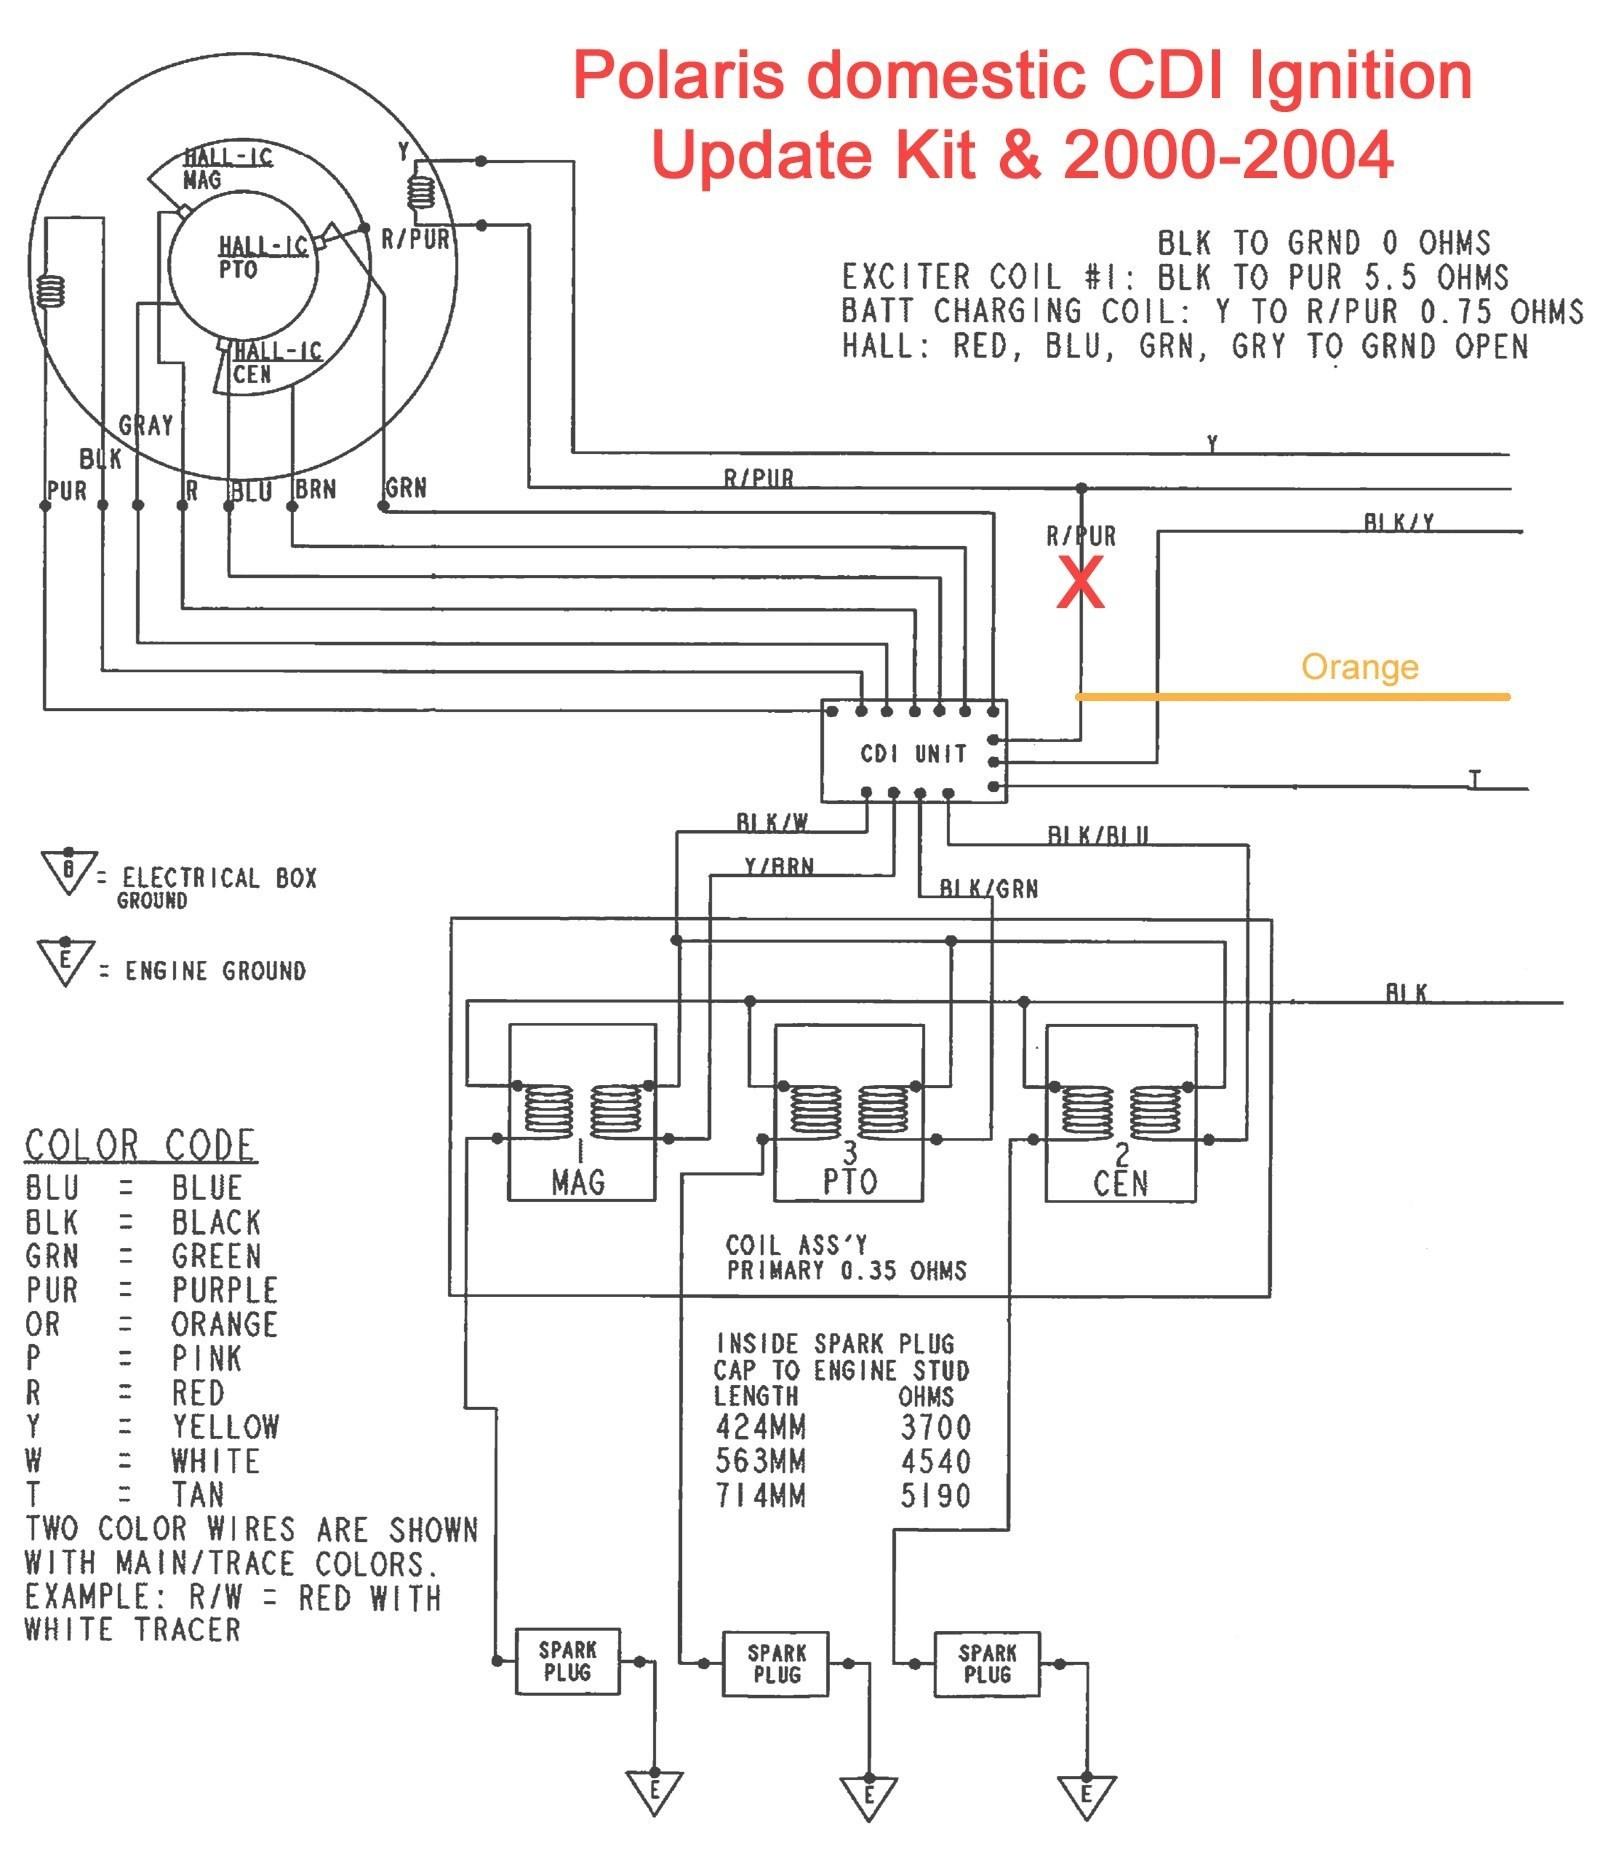 wiring diagram 2006 polaris sportsman 90 polaris scrambler 50 wiring diagram wiring diagrams blog  polaris scrambler 50 wiring diagram